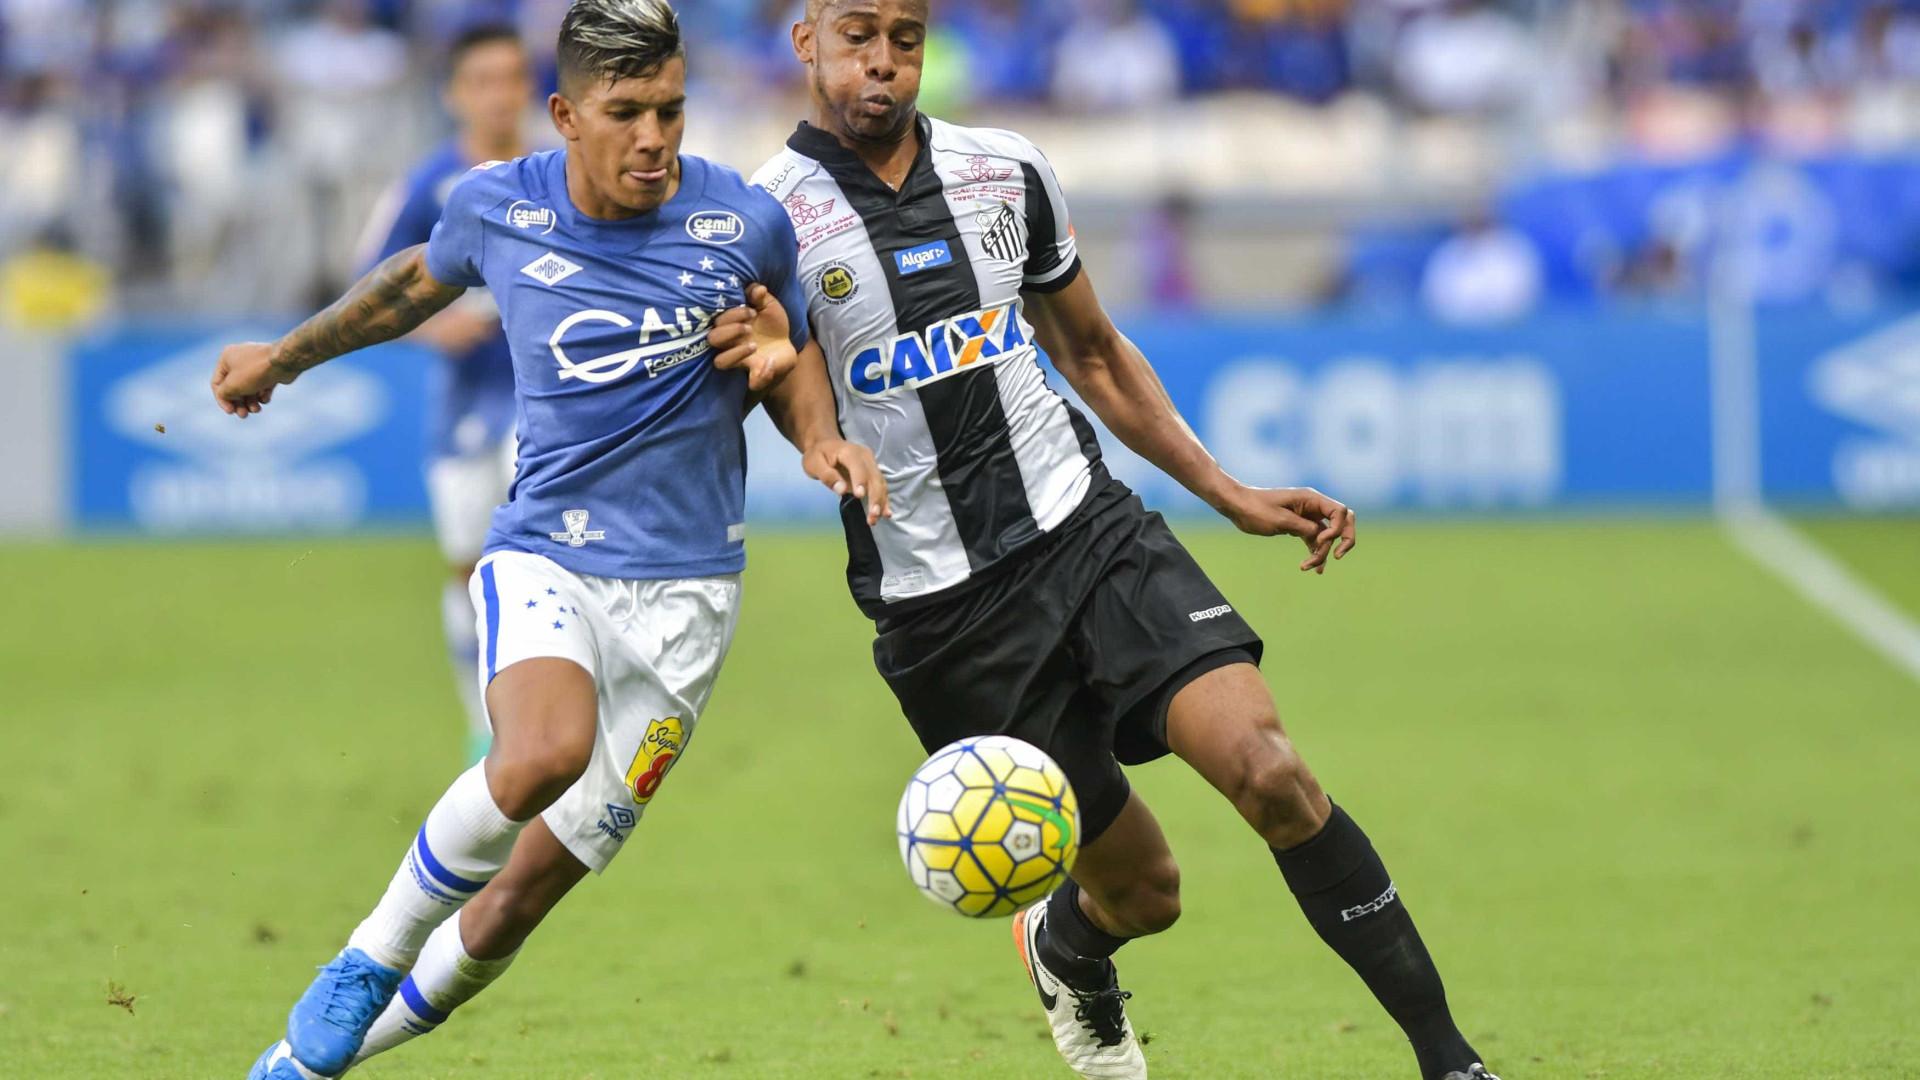 Santos cede empate ao Cruzeiro e se complica na briga pelo título